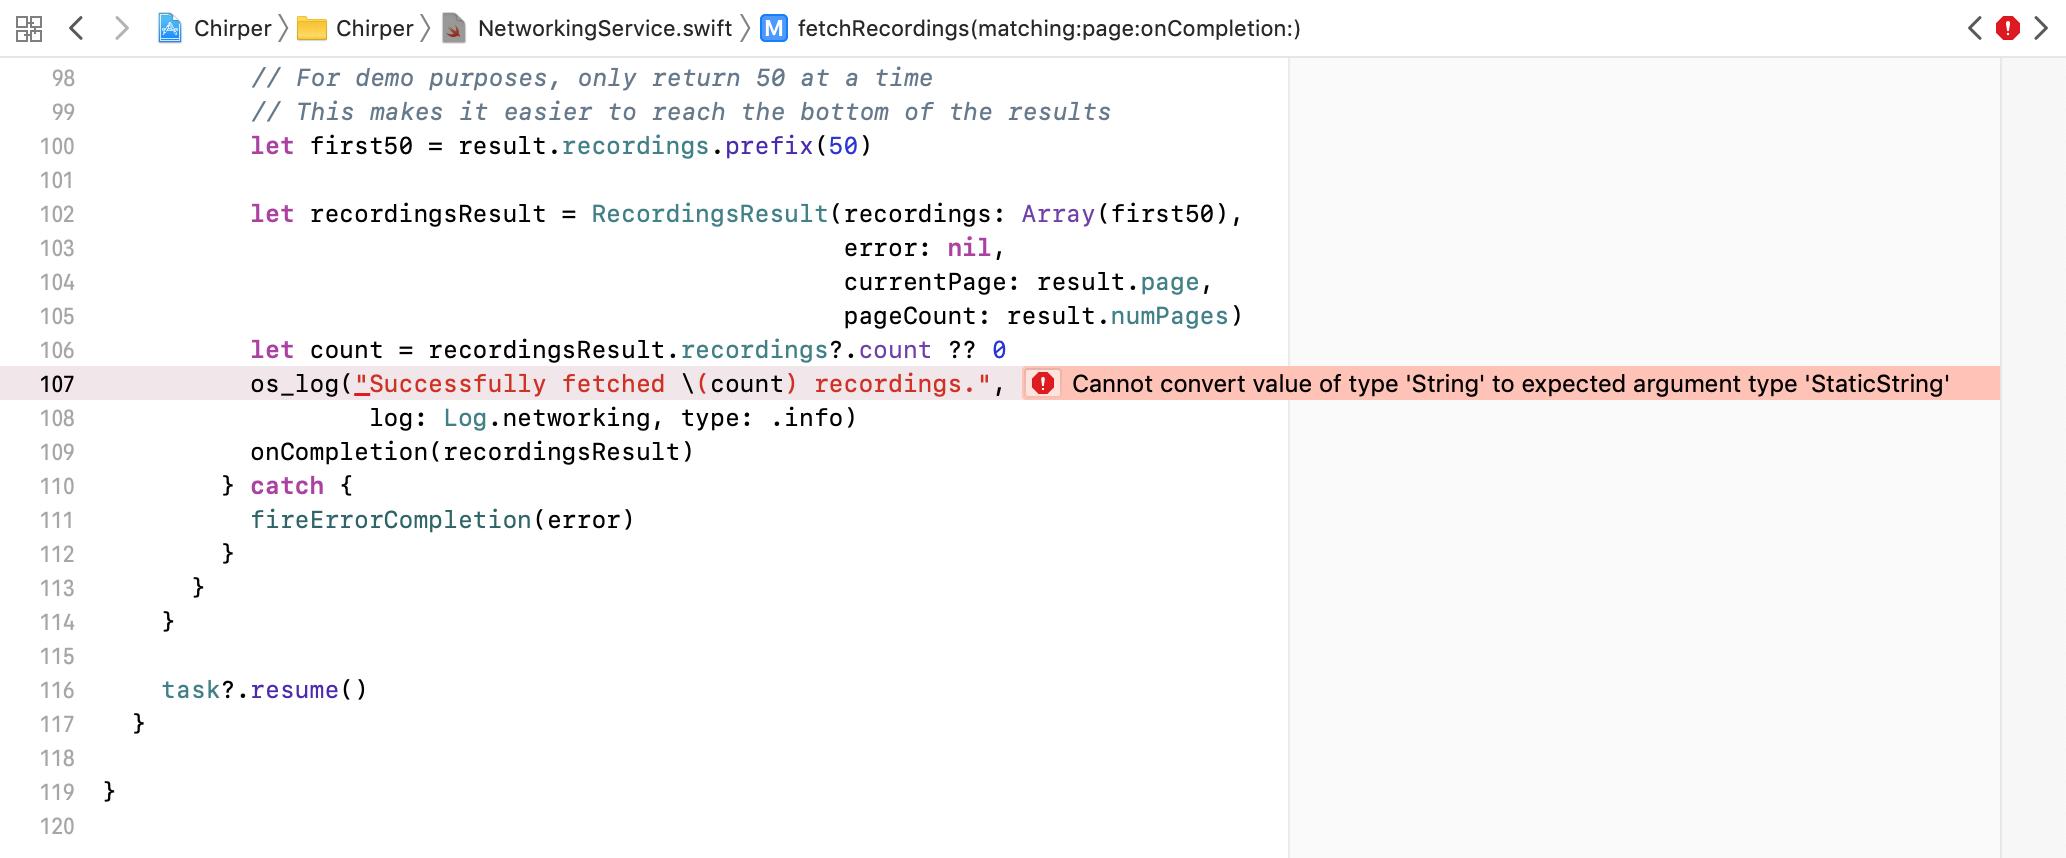 Error in Xcode